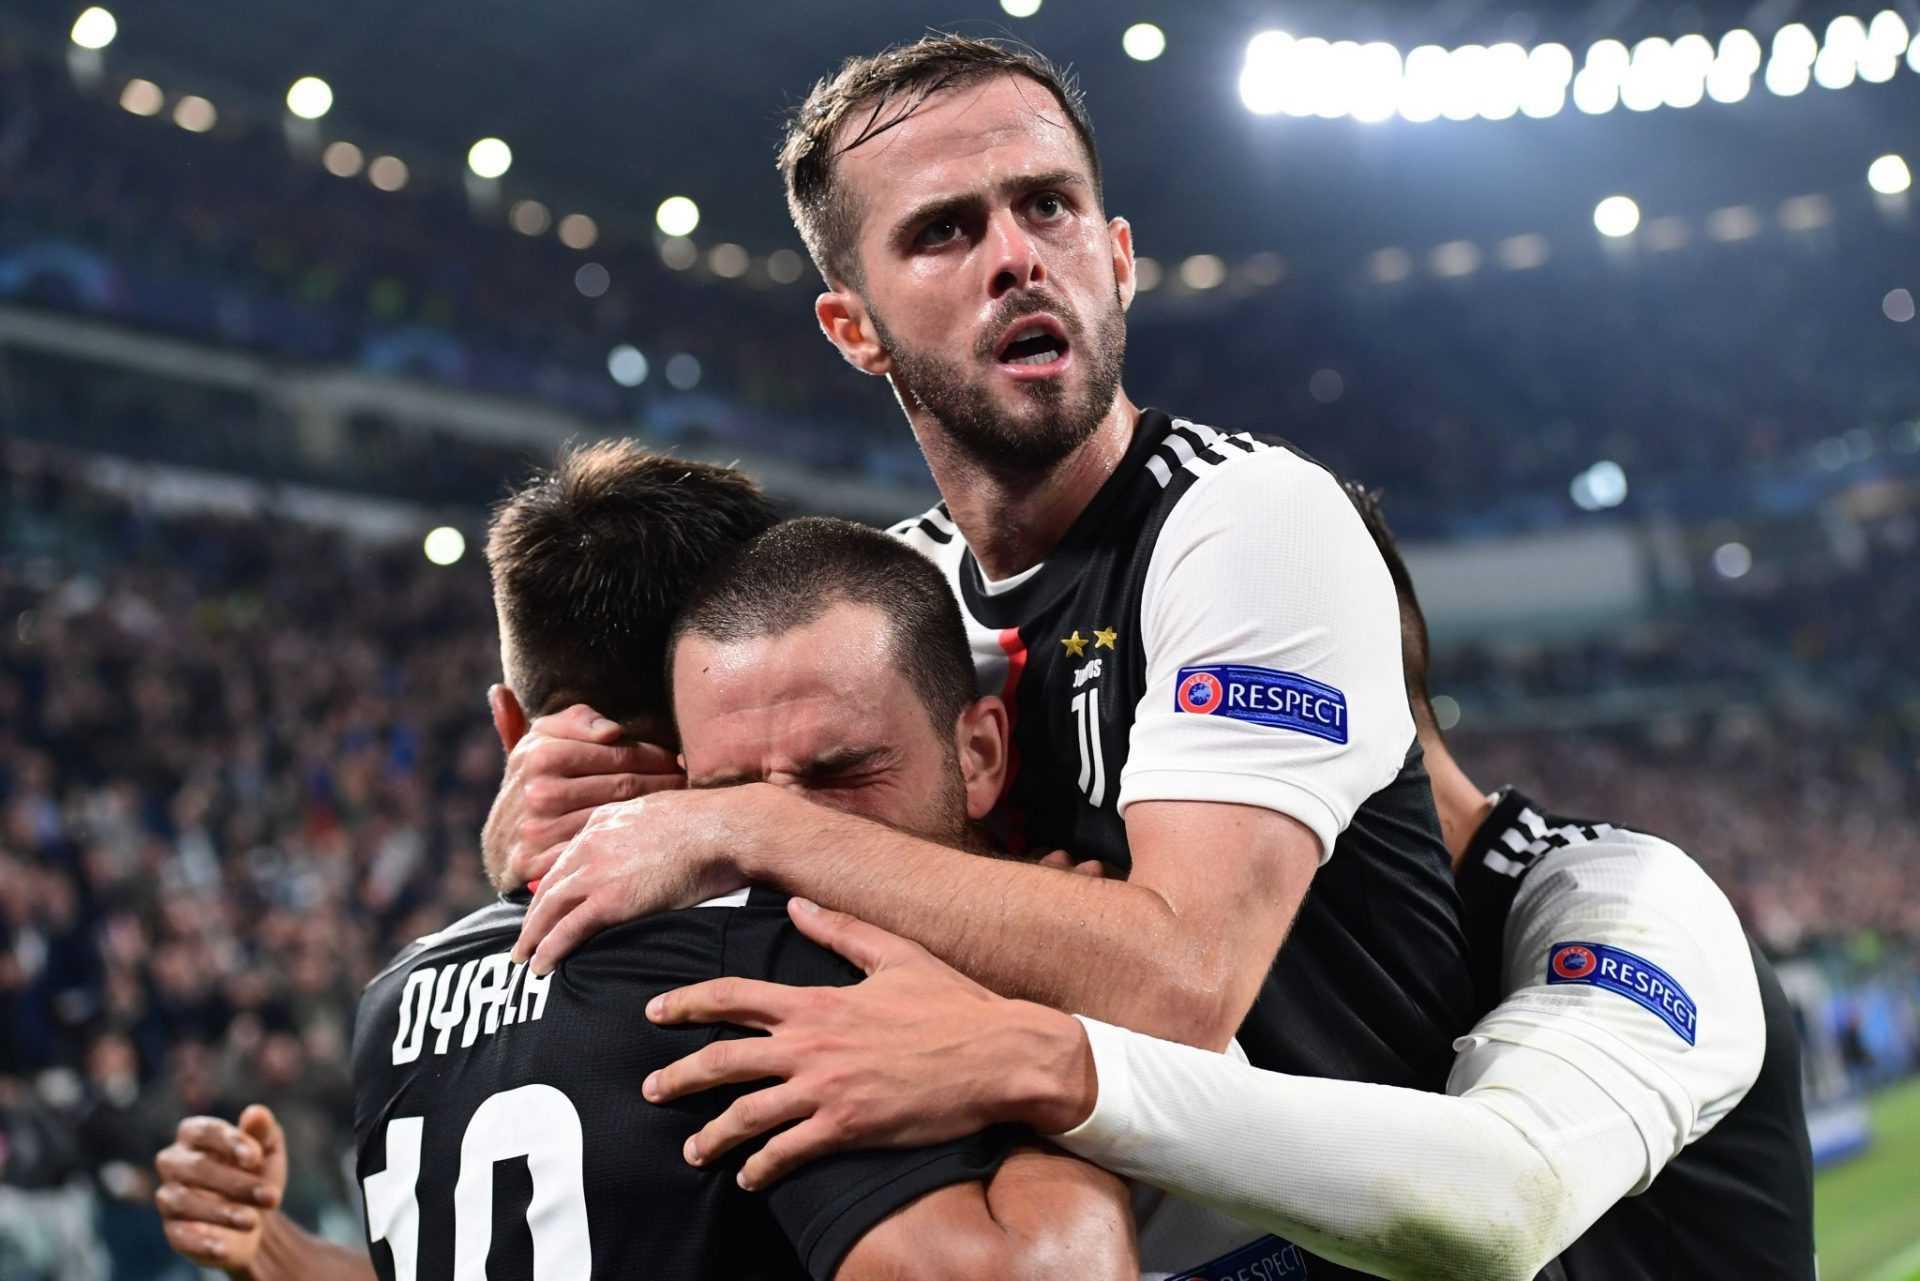 Calciomercato Juventus, è fatta per lo scambio Pjanic-Arthur col Barcellona